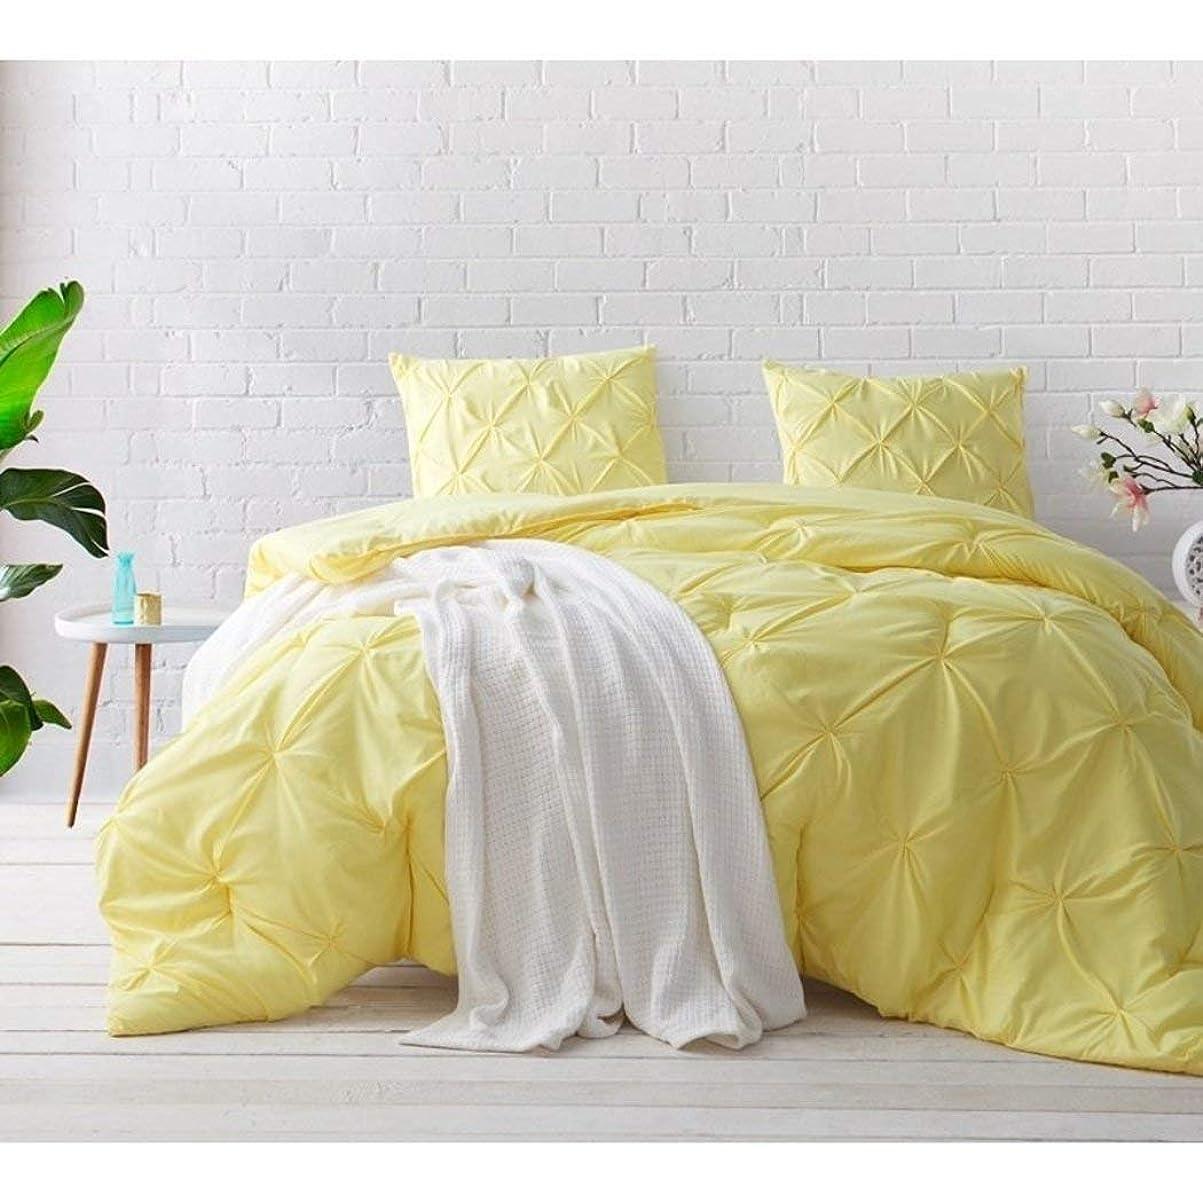 オール代わりにを立てる勃起3?PieceイエローピンチプリーツComforter Fullセット、美しいPlush Pinched Pleat寝具、シックピンタックダイヤモンドTufted Textured、ピンTuck Puckeredテクスチャテーマパターン、Sunshineライトベビーパステル